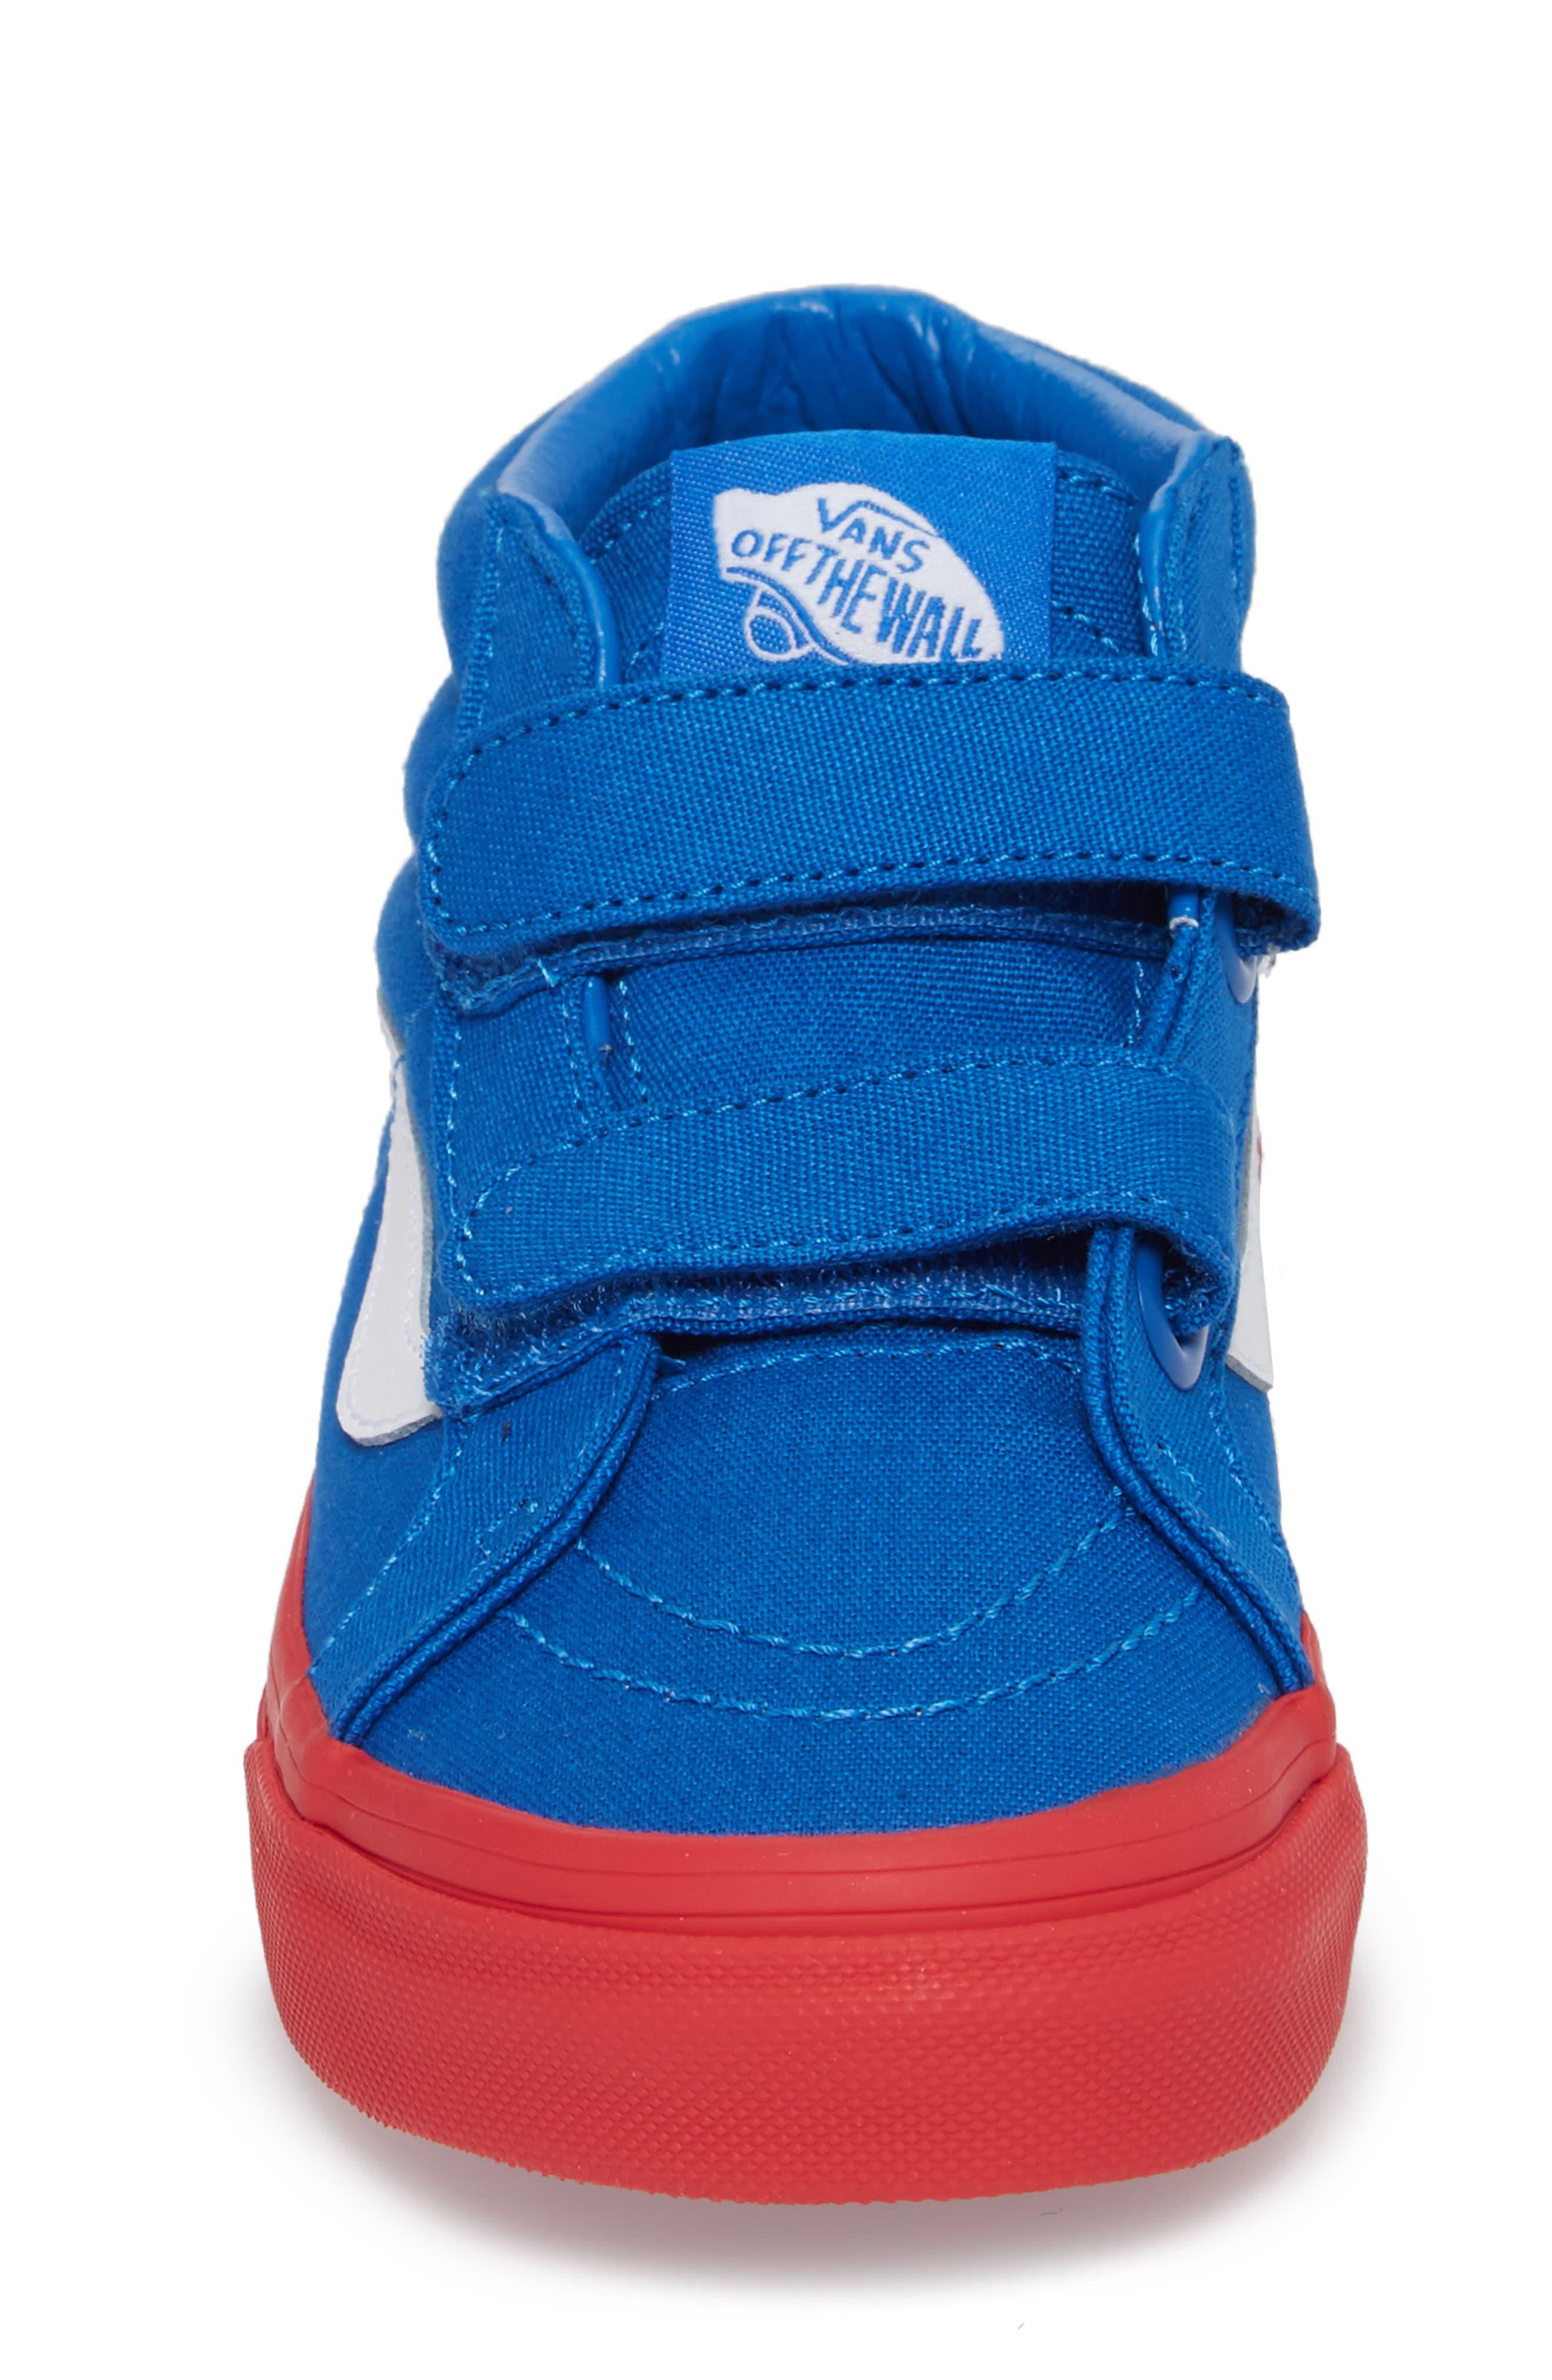 VANS,                             Sk8-Mid Reissue Sneaker,                             Alternate thumbnail 4, color,                             420